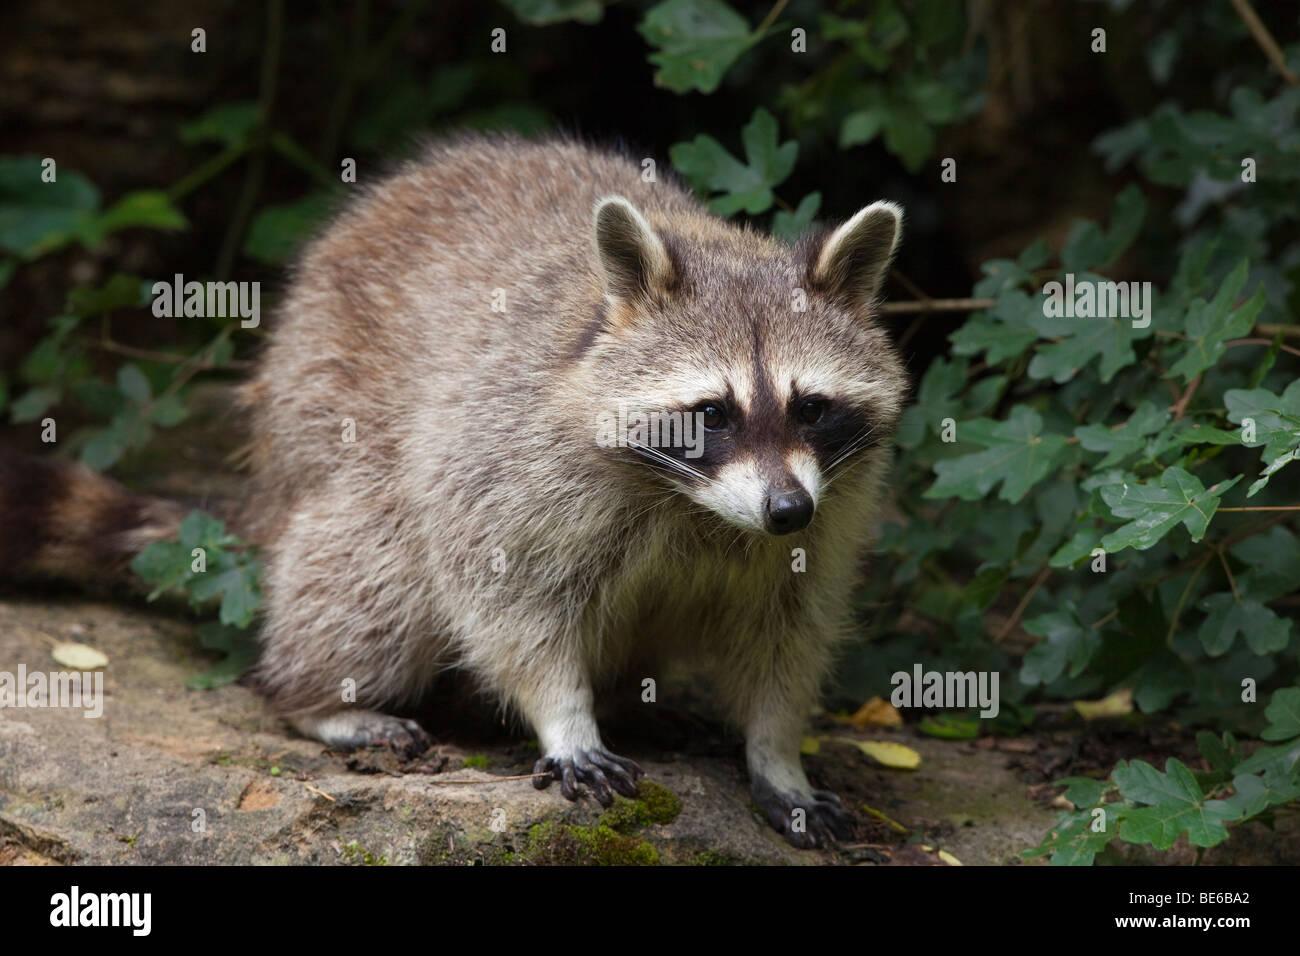 Le raton laveur (Procyon lotor), comité permanent. Photo Stock